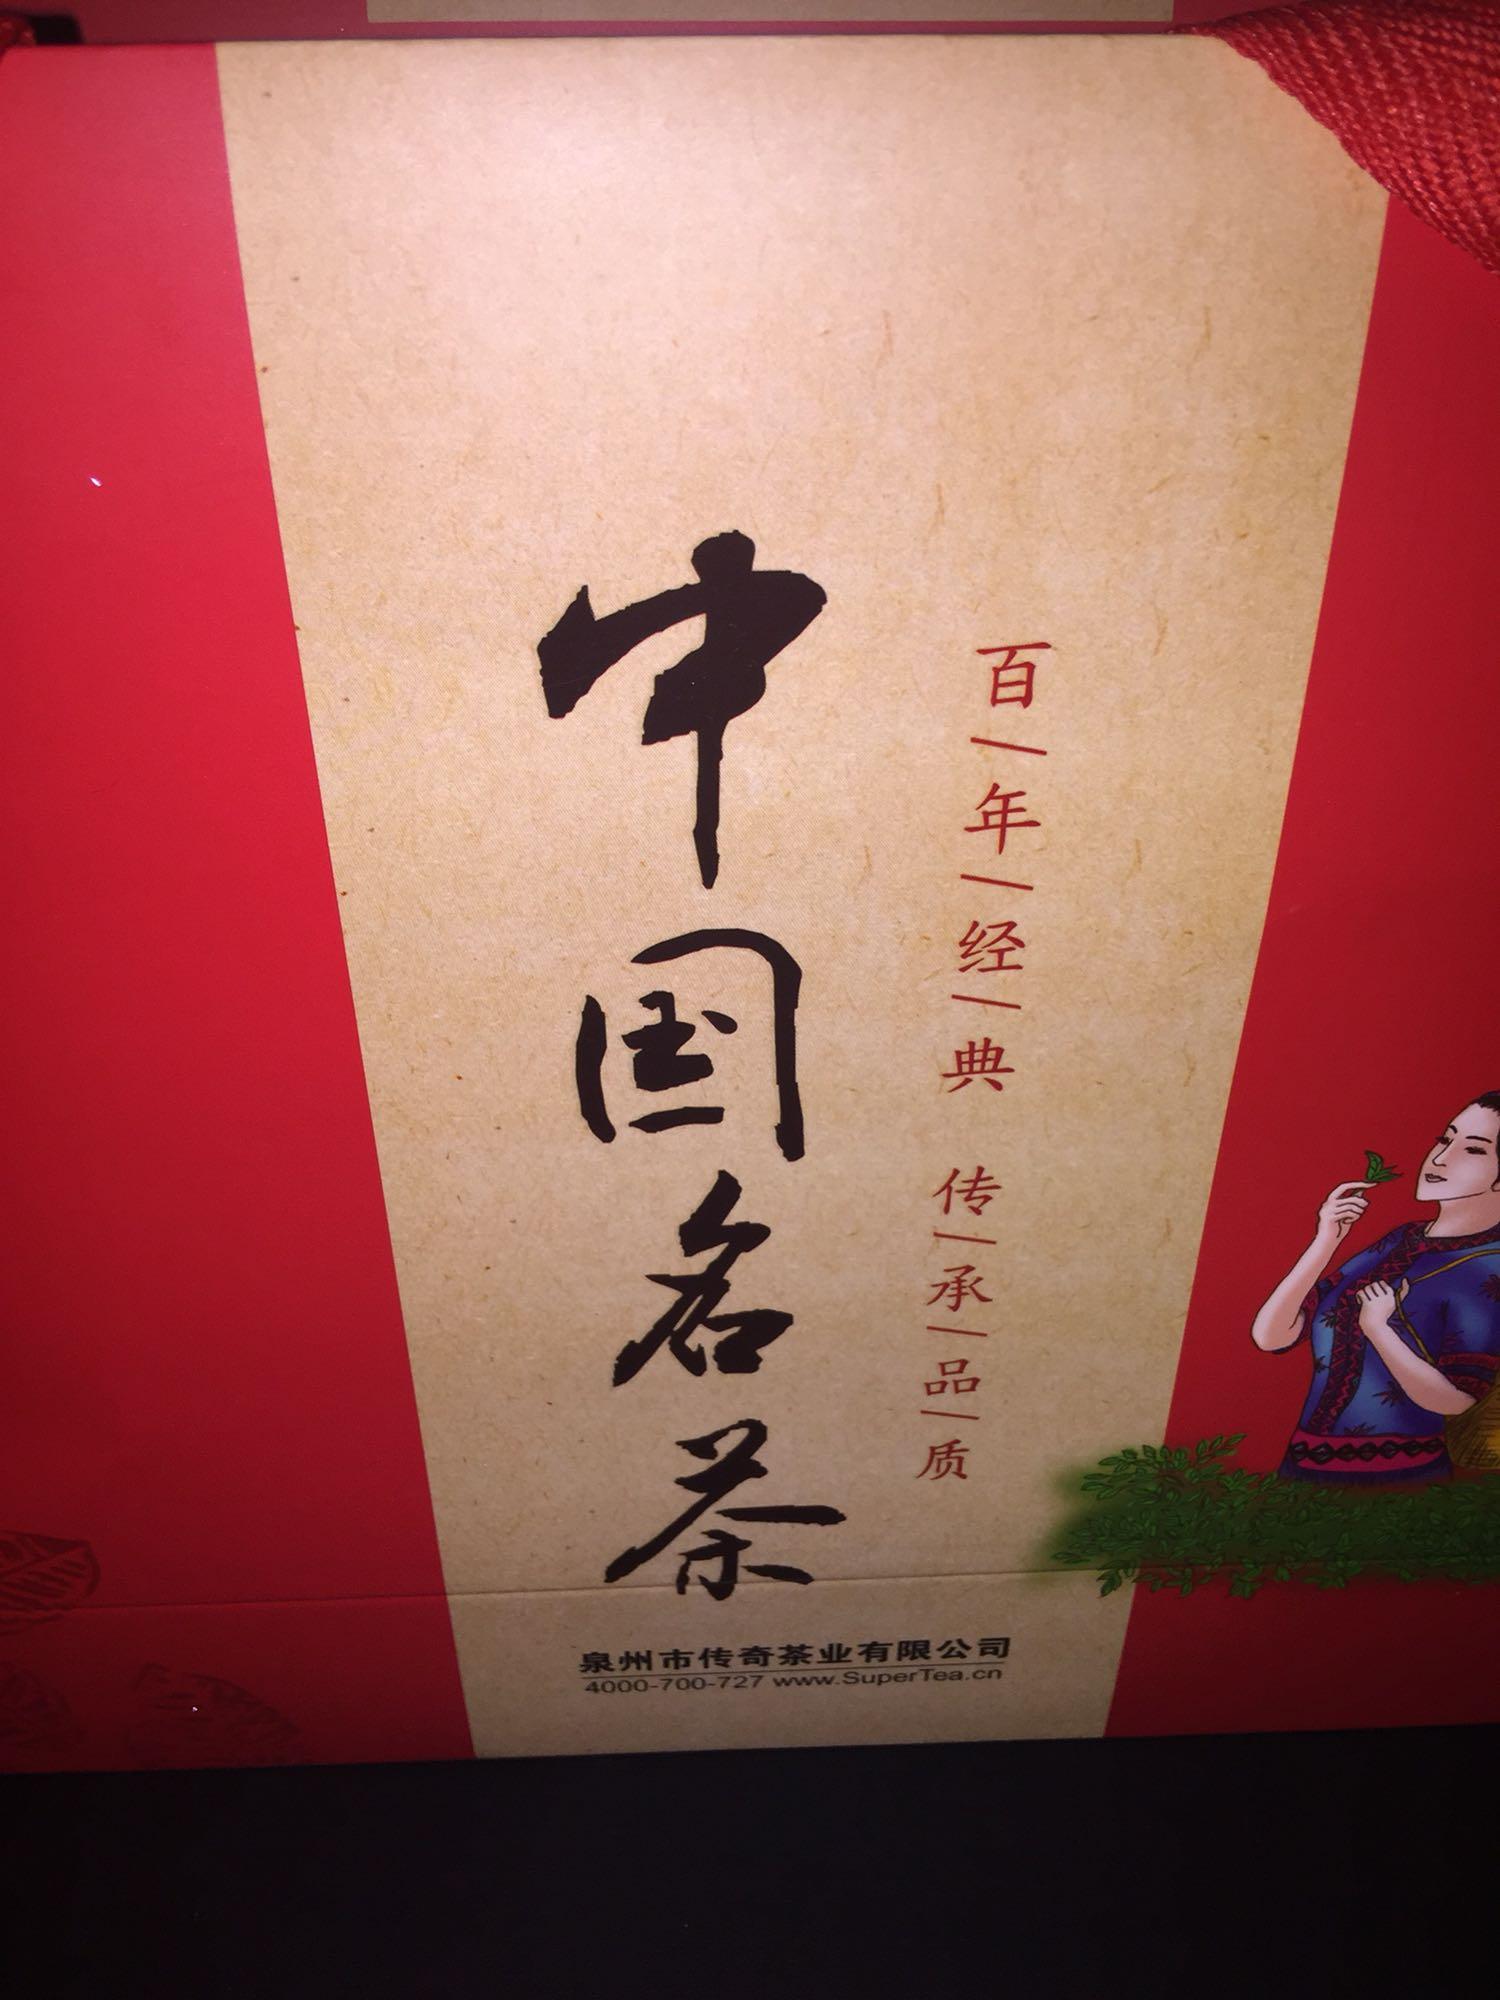 La deuxième fois, acheter, très bon thé, également pour la prochaine fois stock price per share 2012 airmax97 0928257 outletonlineshop